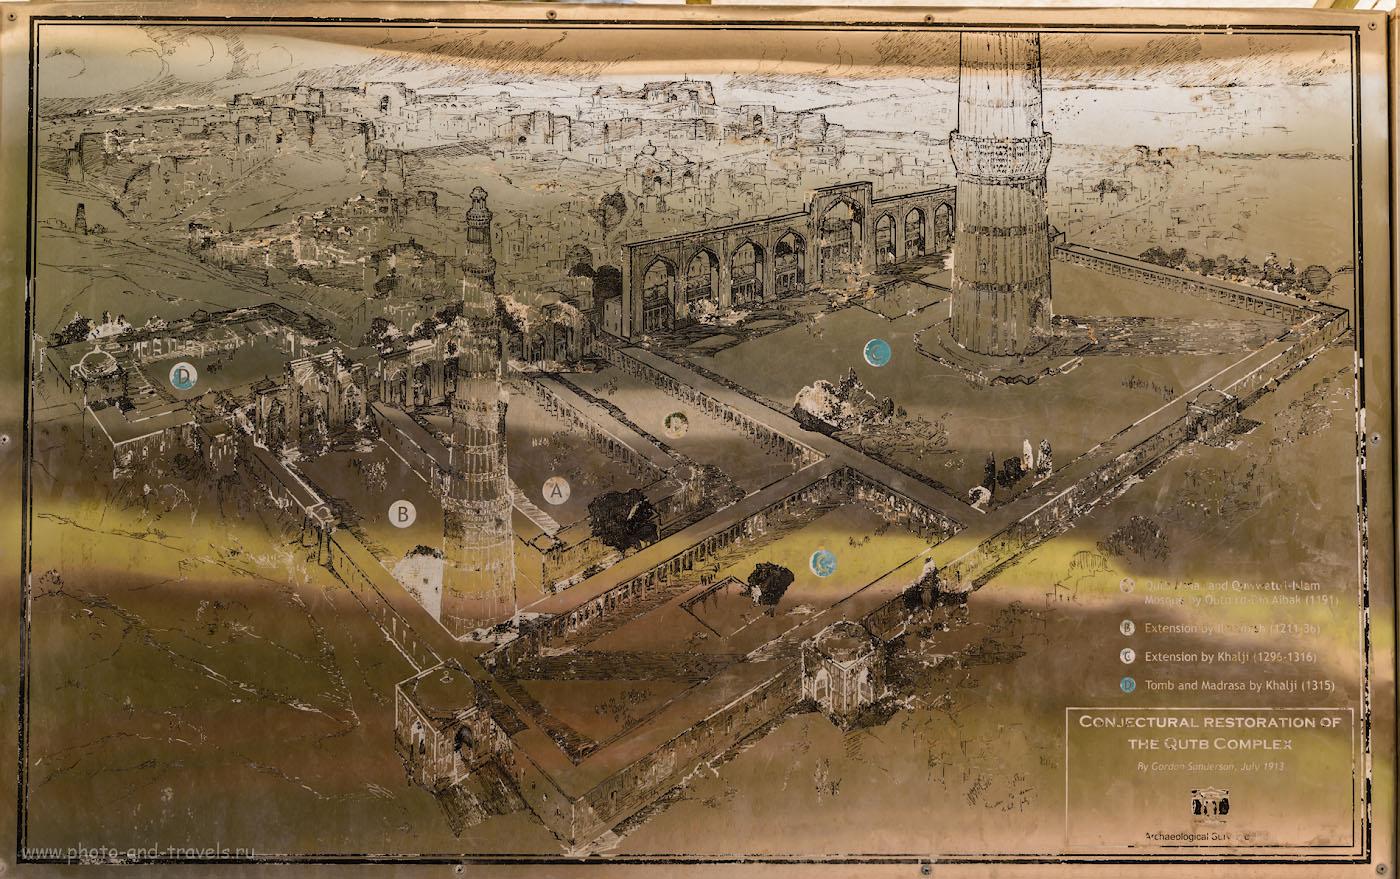 27. Схема археологического комплекса Кутб-Минар в Дели. Отчеты туристов о самостоятельных экскурсиях за один день.